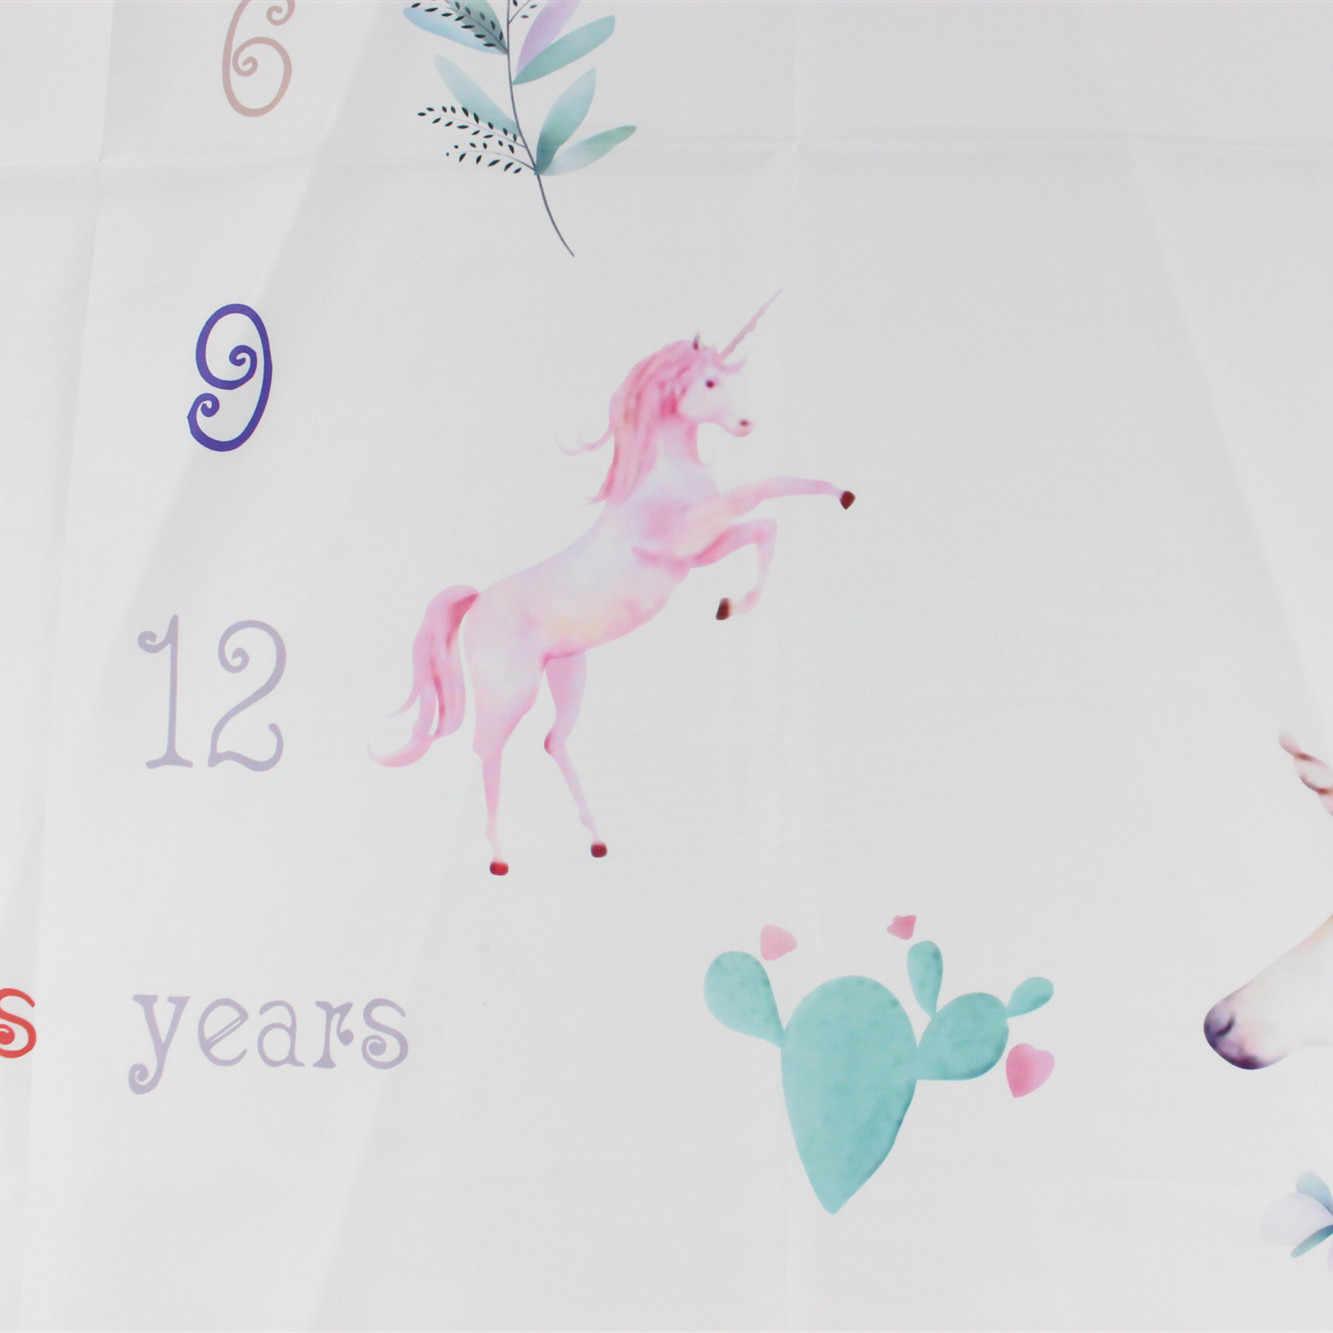 Unissex bebê marco cobertor newborn fotografia adereços da foto dos desenhos animados animal da criança memorial dia mensal pano de fundo